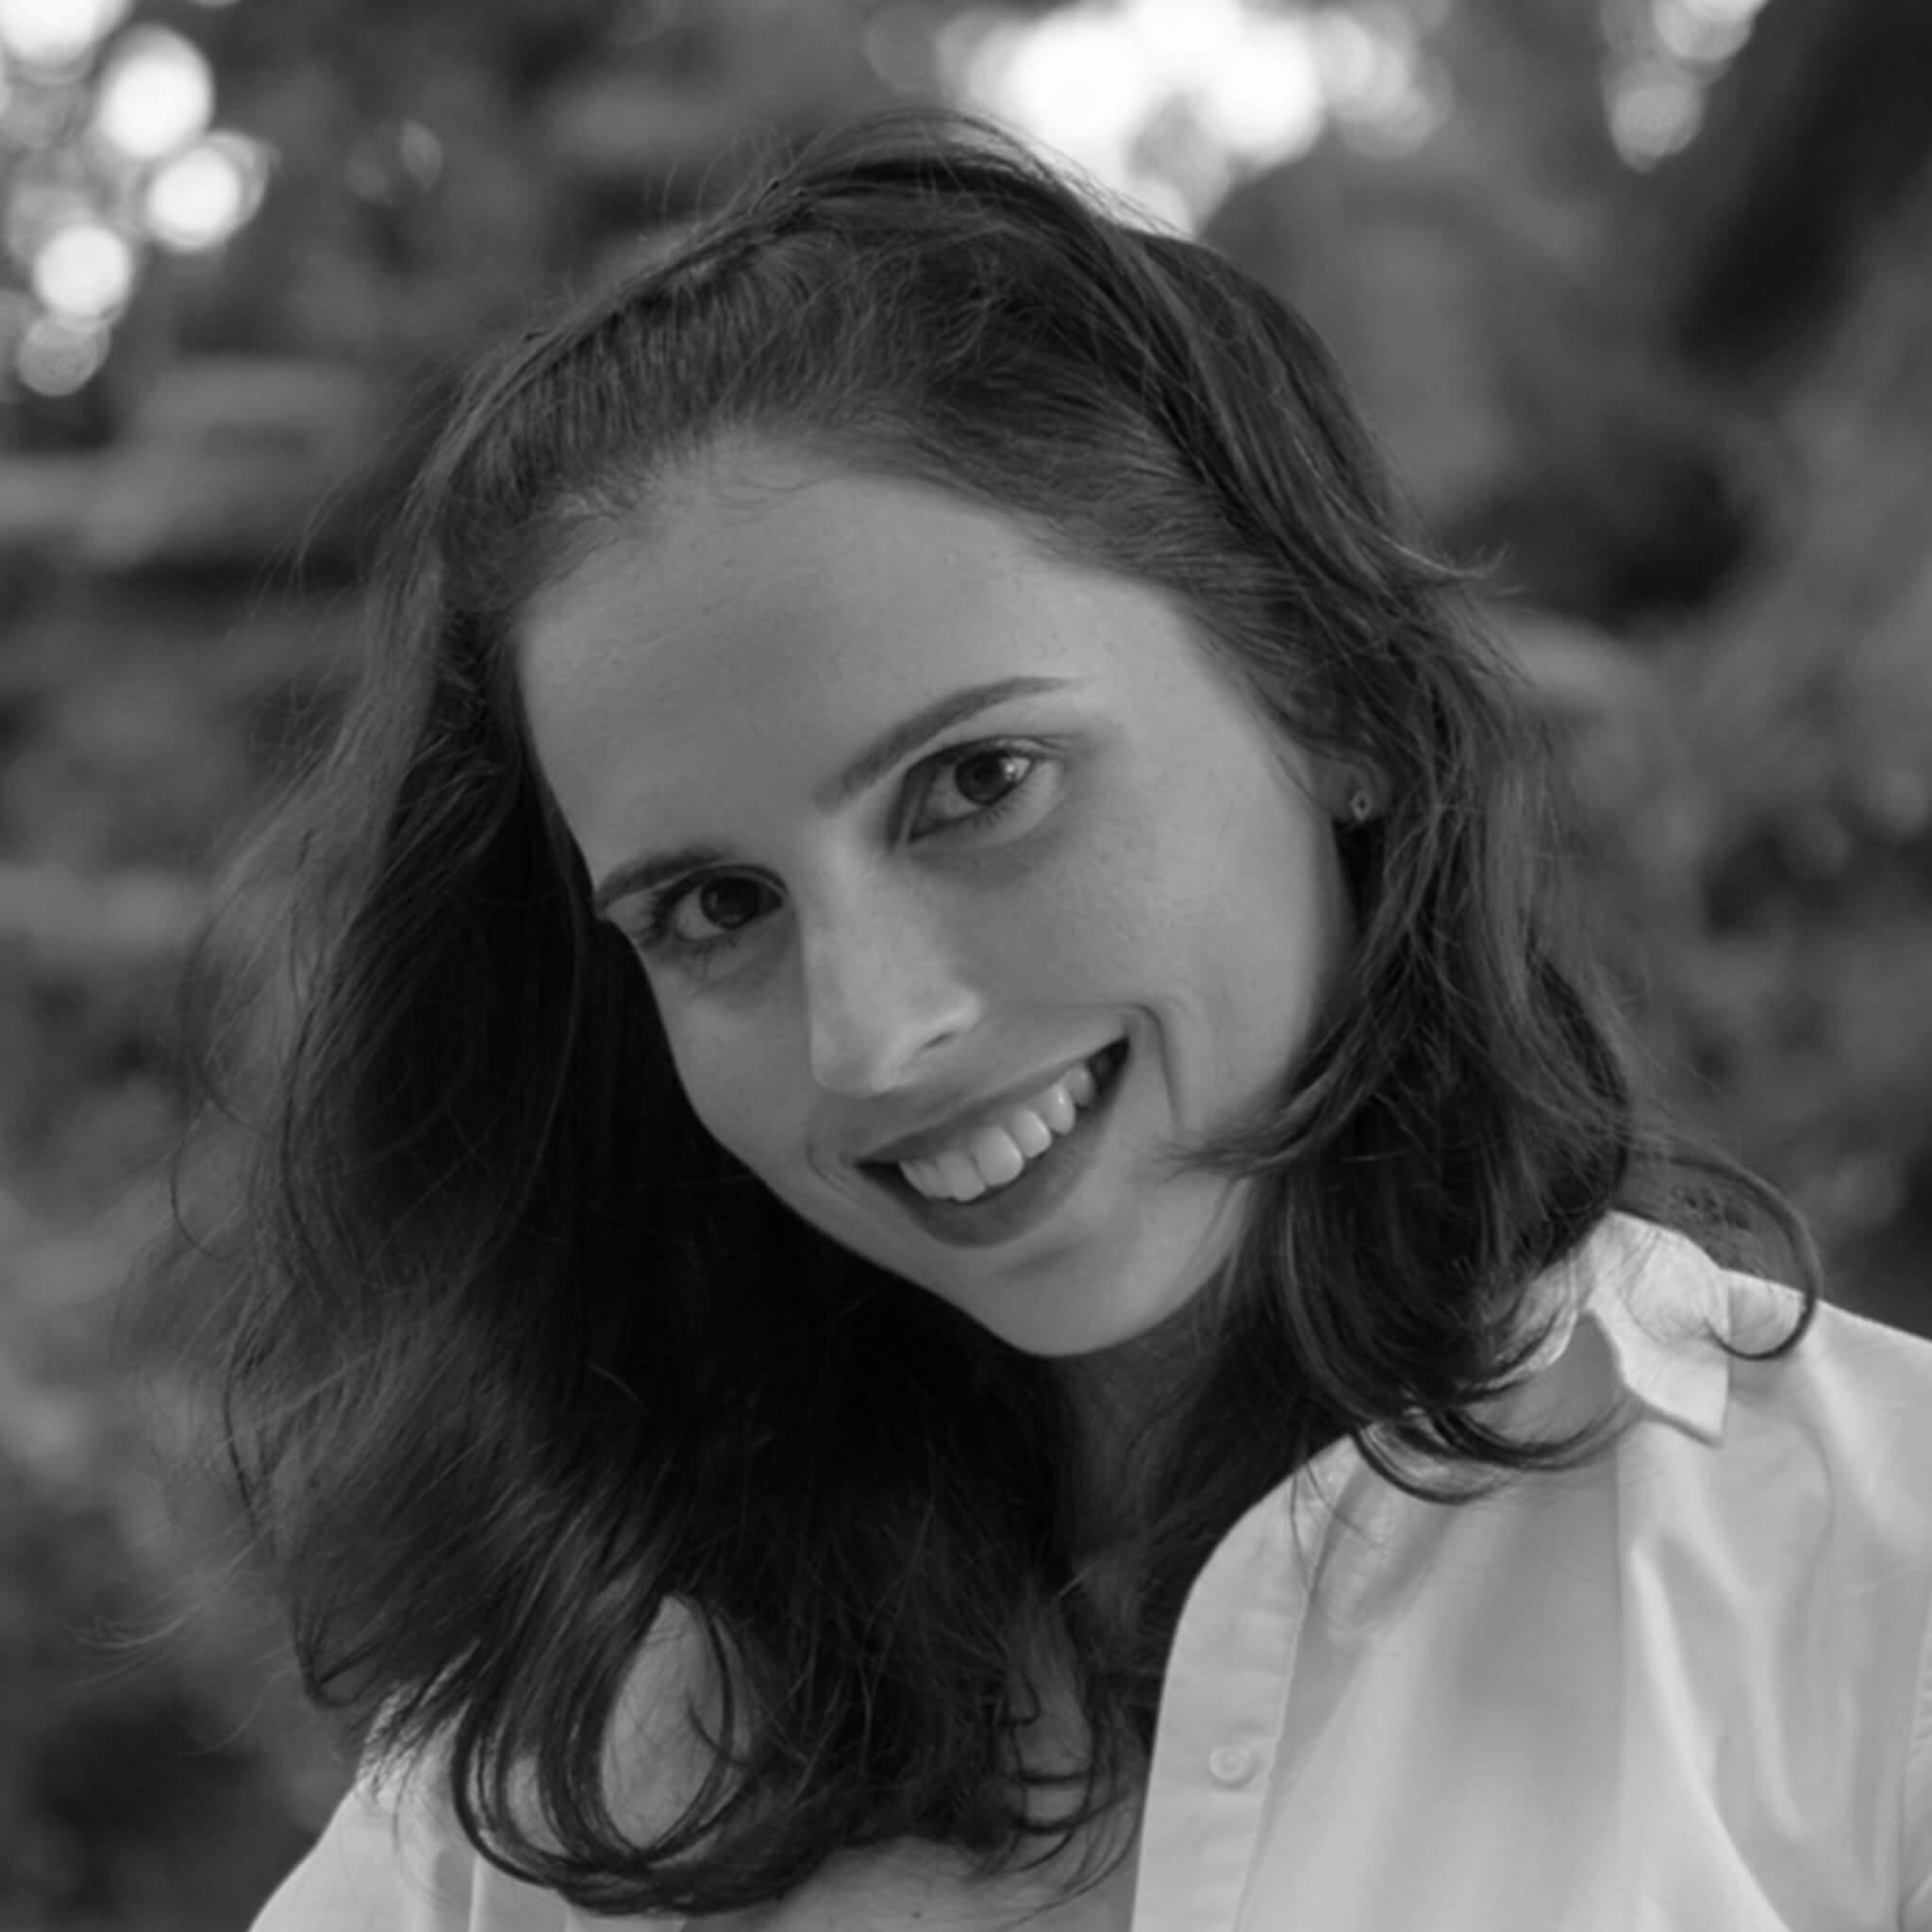 Joana Filipa Teixeira Pais